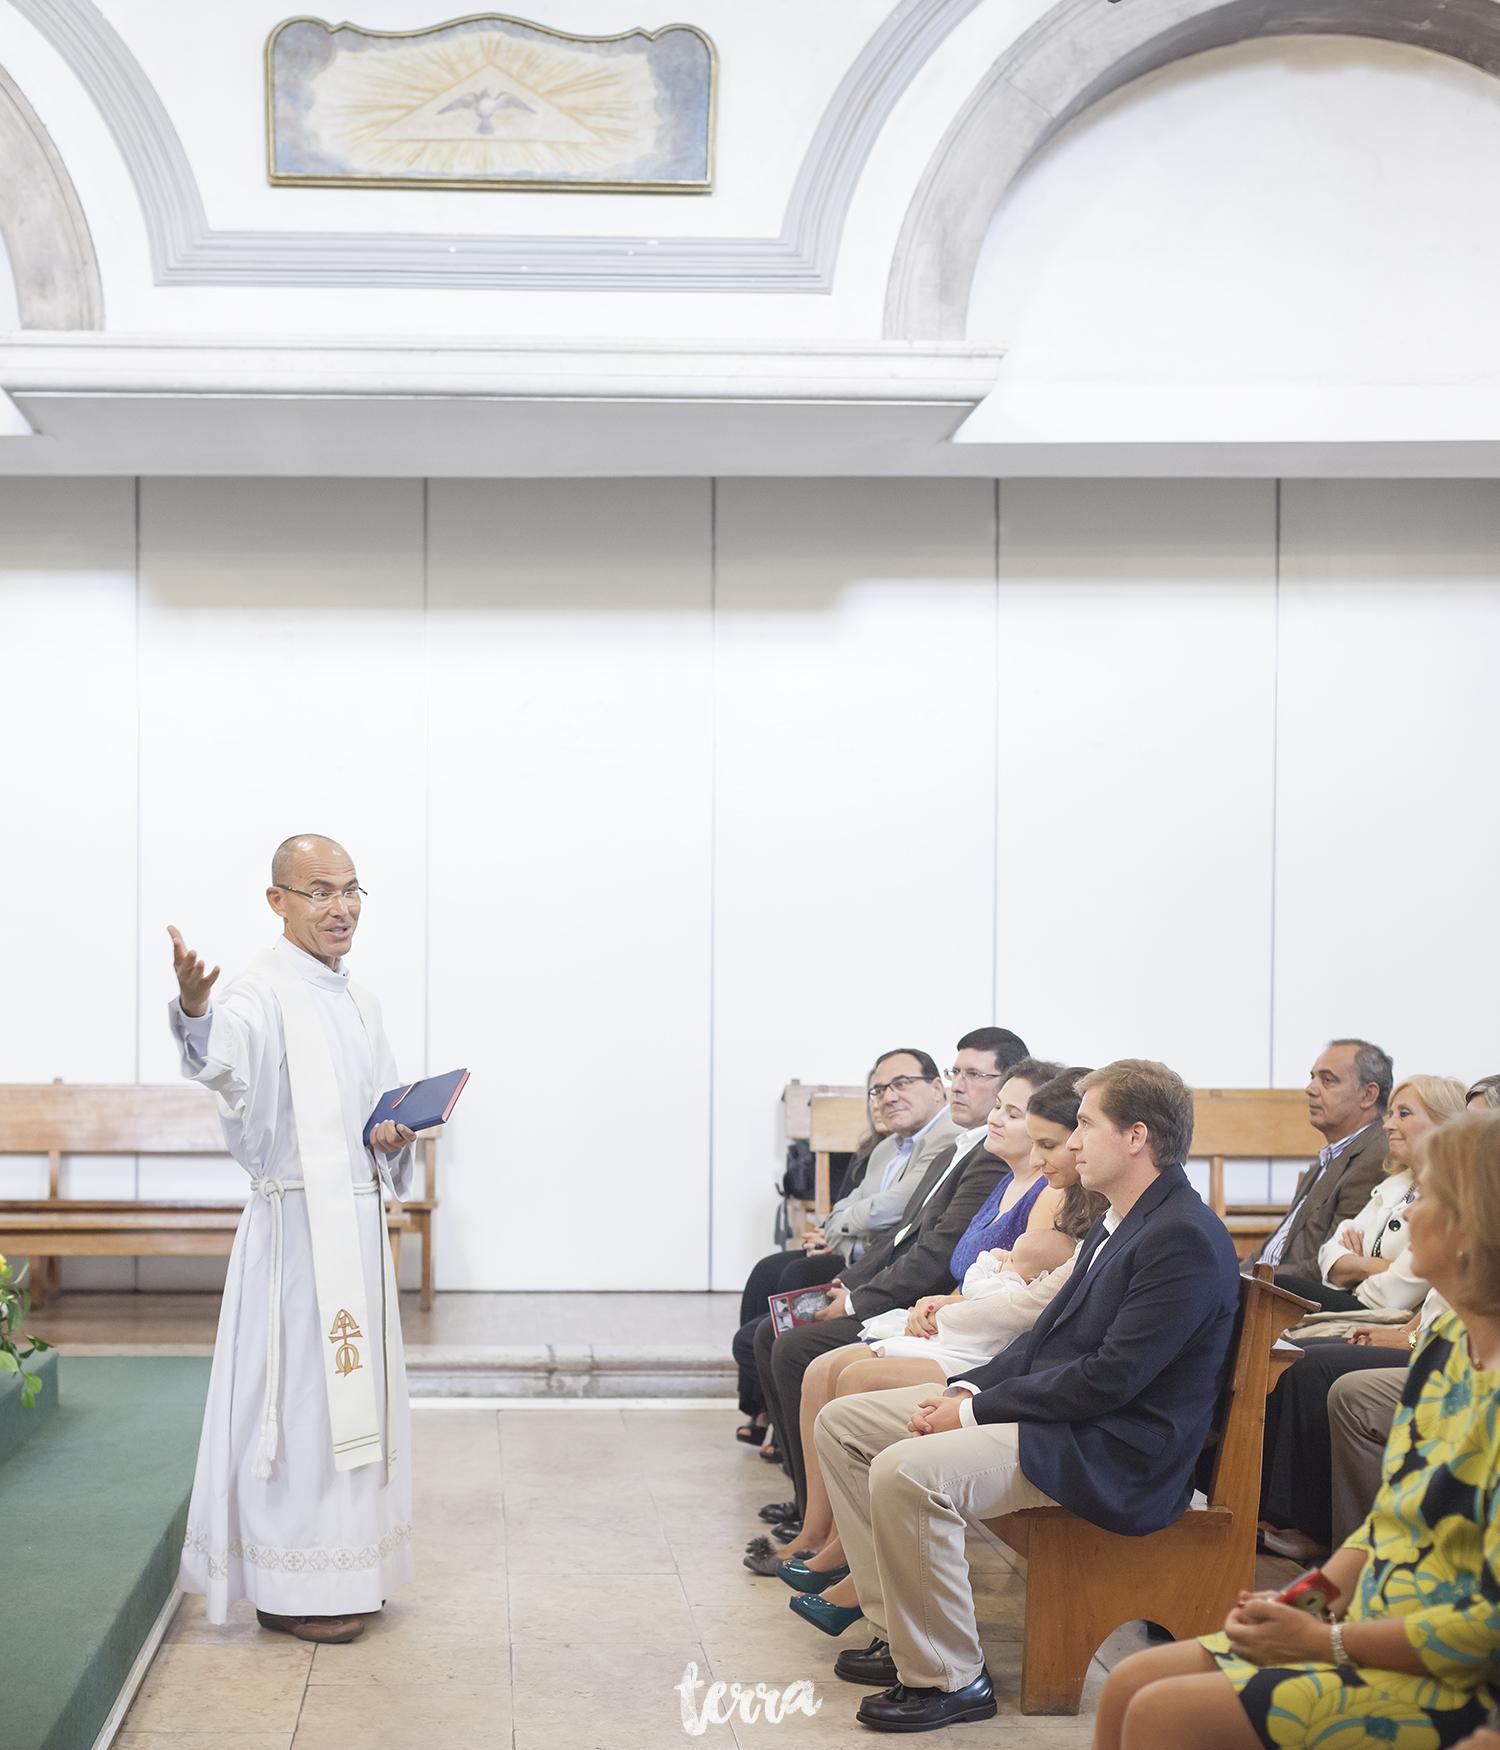 reportagem-batizado-igreja-alvalade-lisboa-terra-fotografia-025.jpg